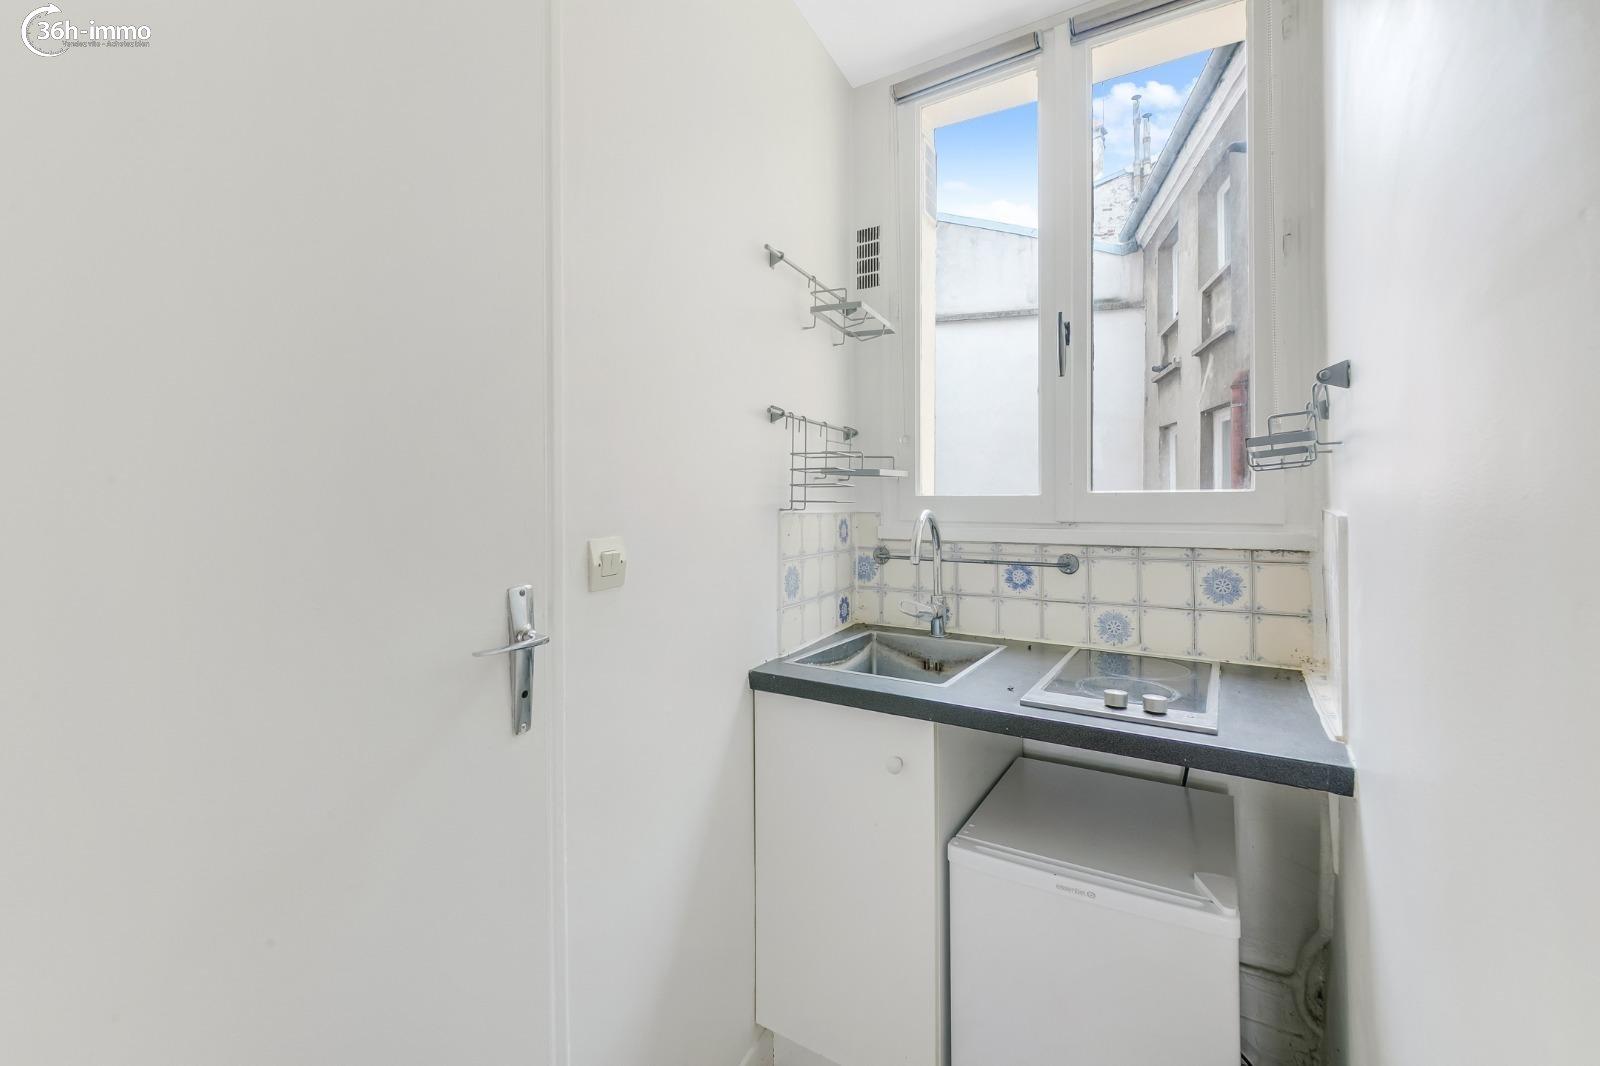 Immeuble Paris 14e arrondissement 75014 Paris 300 m<sup>2</sup> 2400000 euros